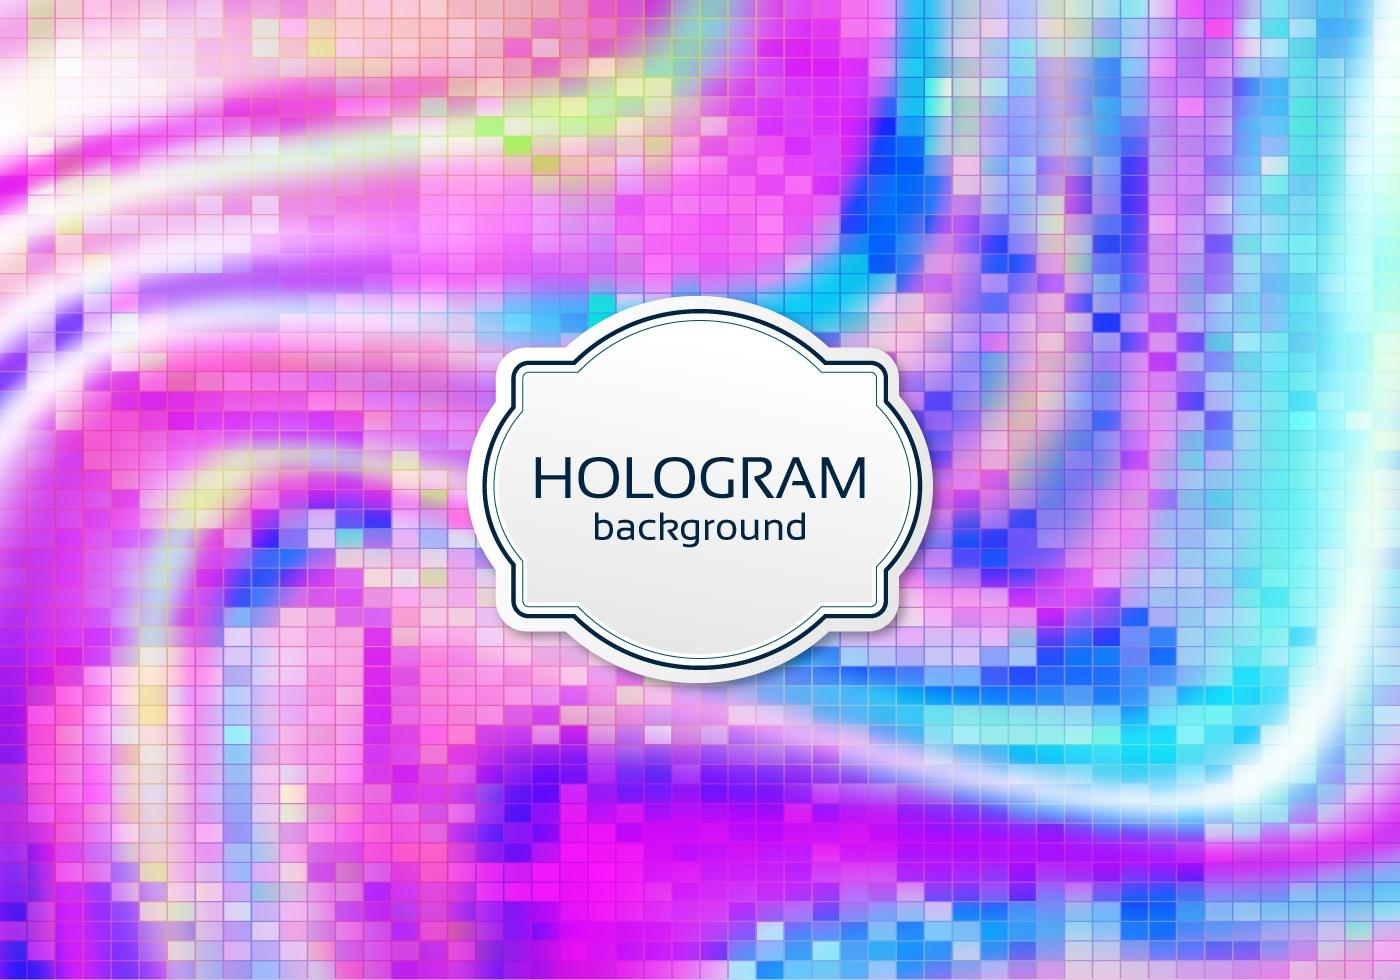 Free Vector Digital Hologram Background Download Free